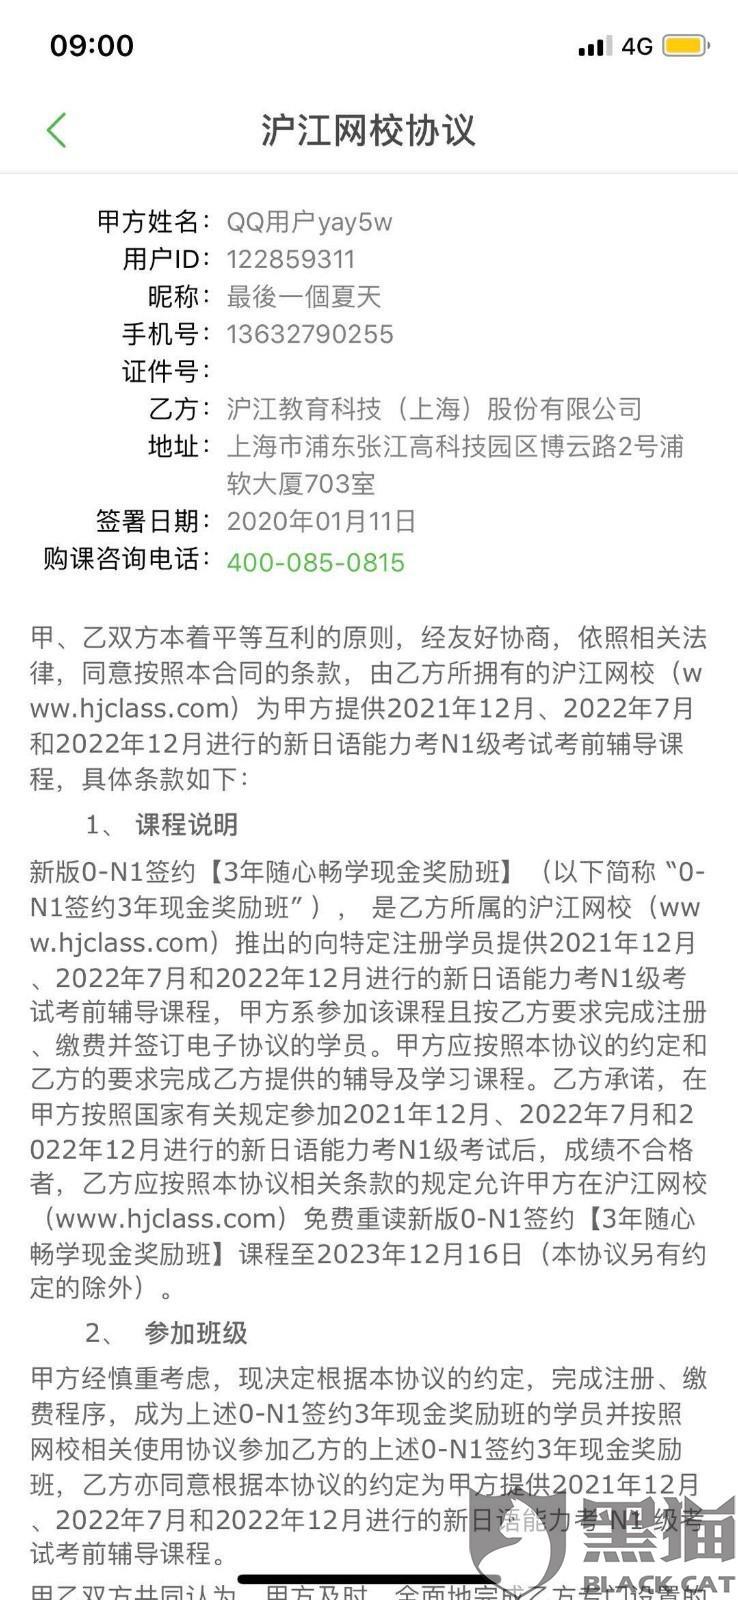 黑猫投诉:沪江网校报学习班想退款不予退款